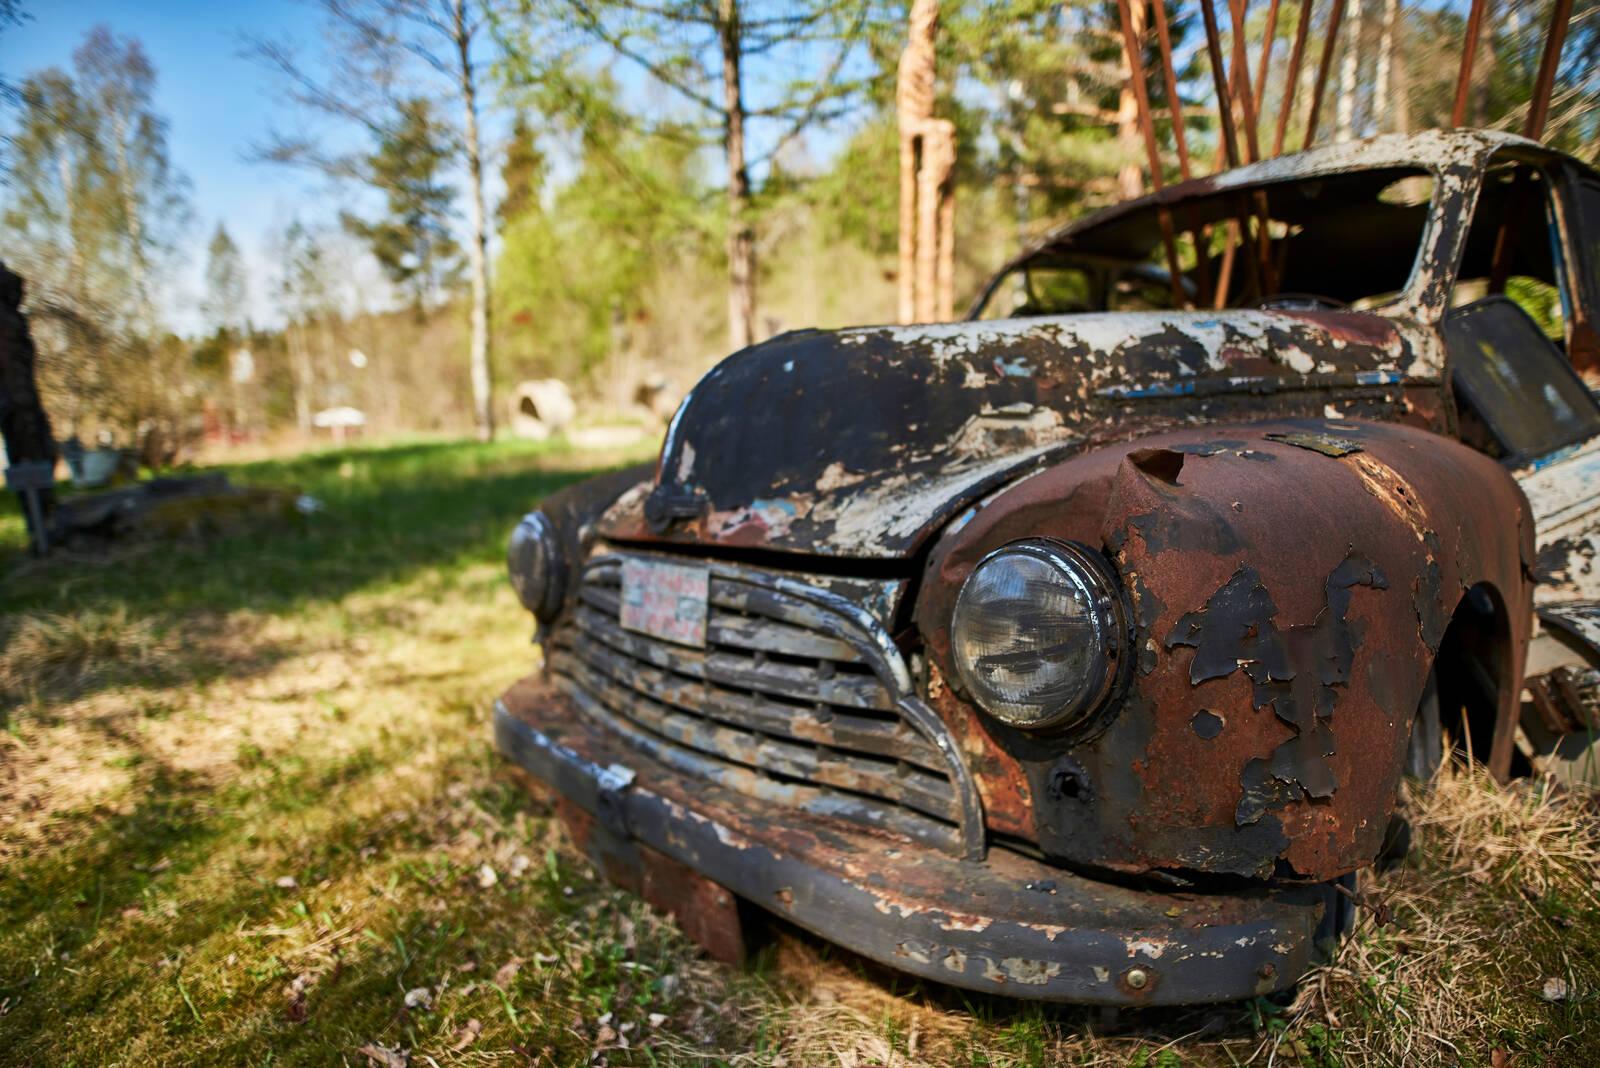 Vanha ruosteinen autonromu, joka on osa Ossi Somman taideteosta veistospihalla.